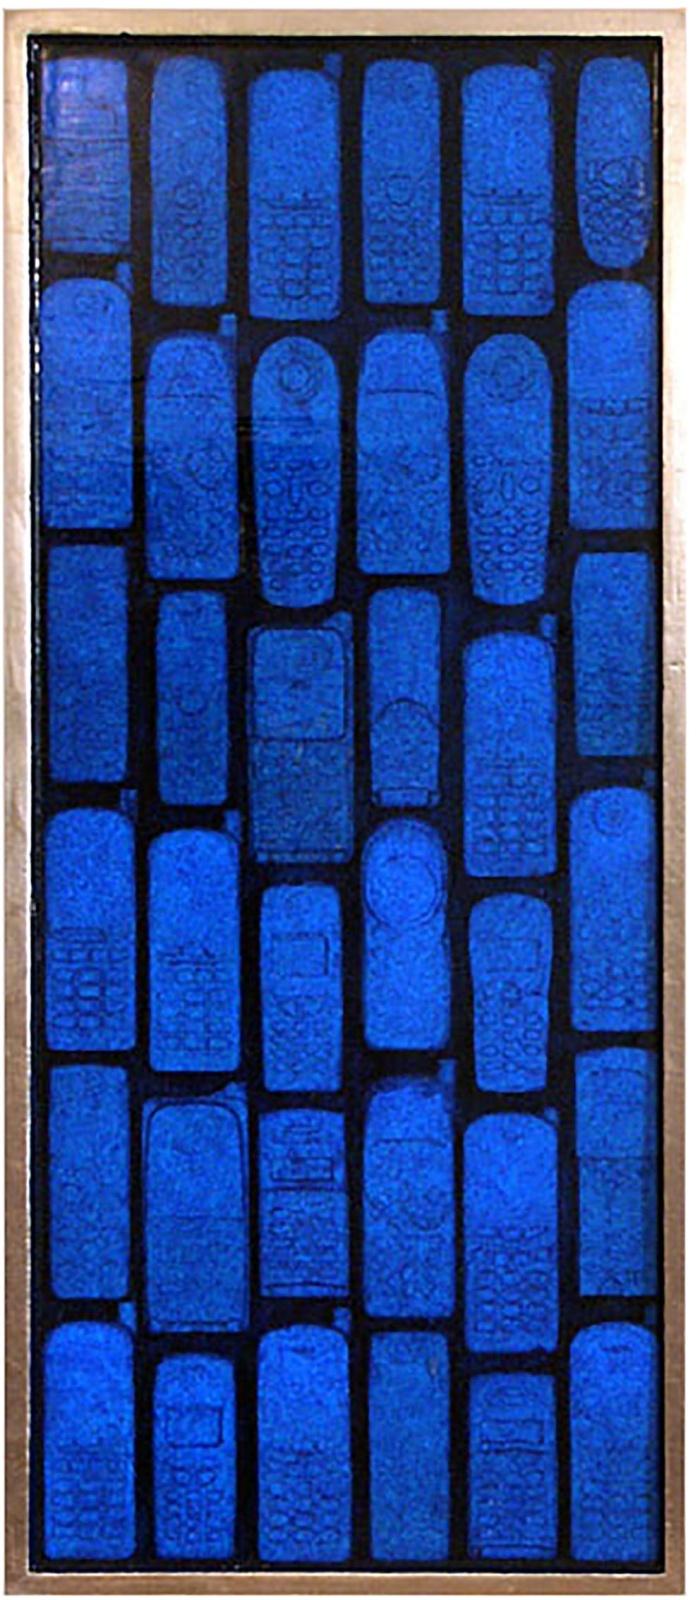 LE VOCI DELLE SIRENE . 2006 - teatrino con 36 telefoni, colore acrilico, resina, foglia d'oro, cm. 86 x 38 x 5 Collezione Francesca Casa, Roma